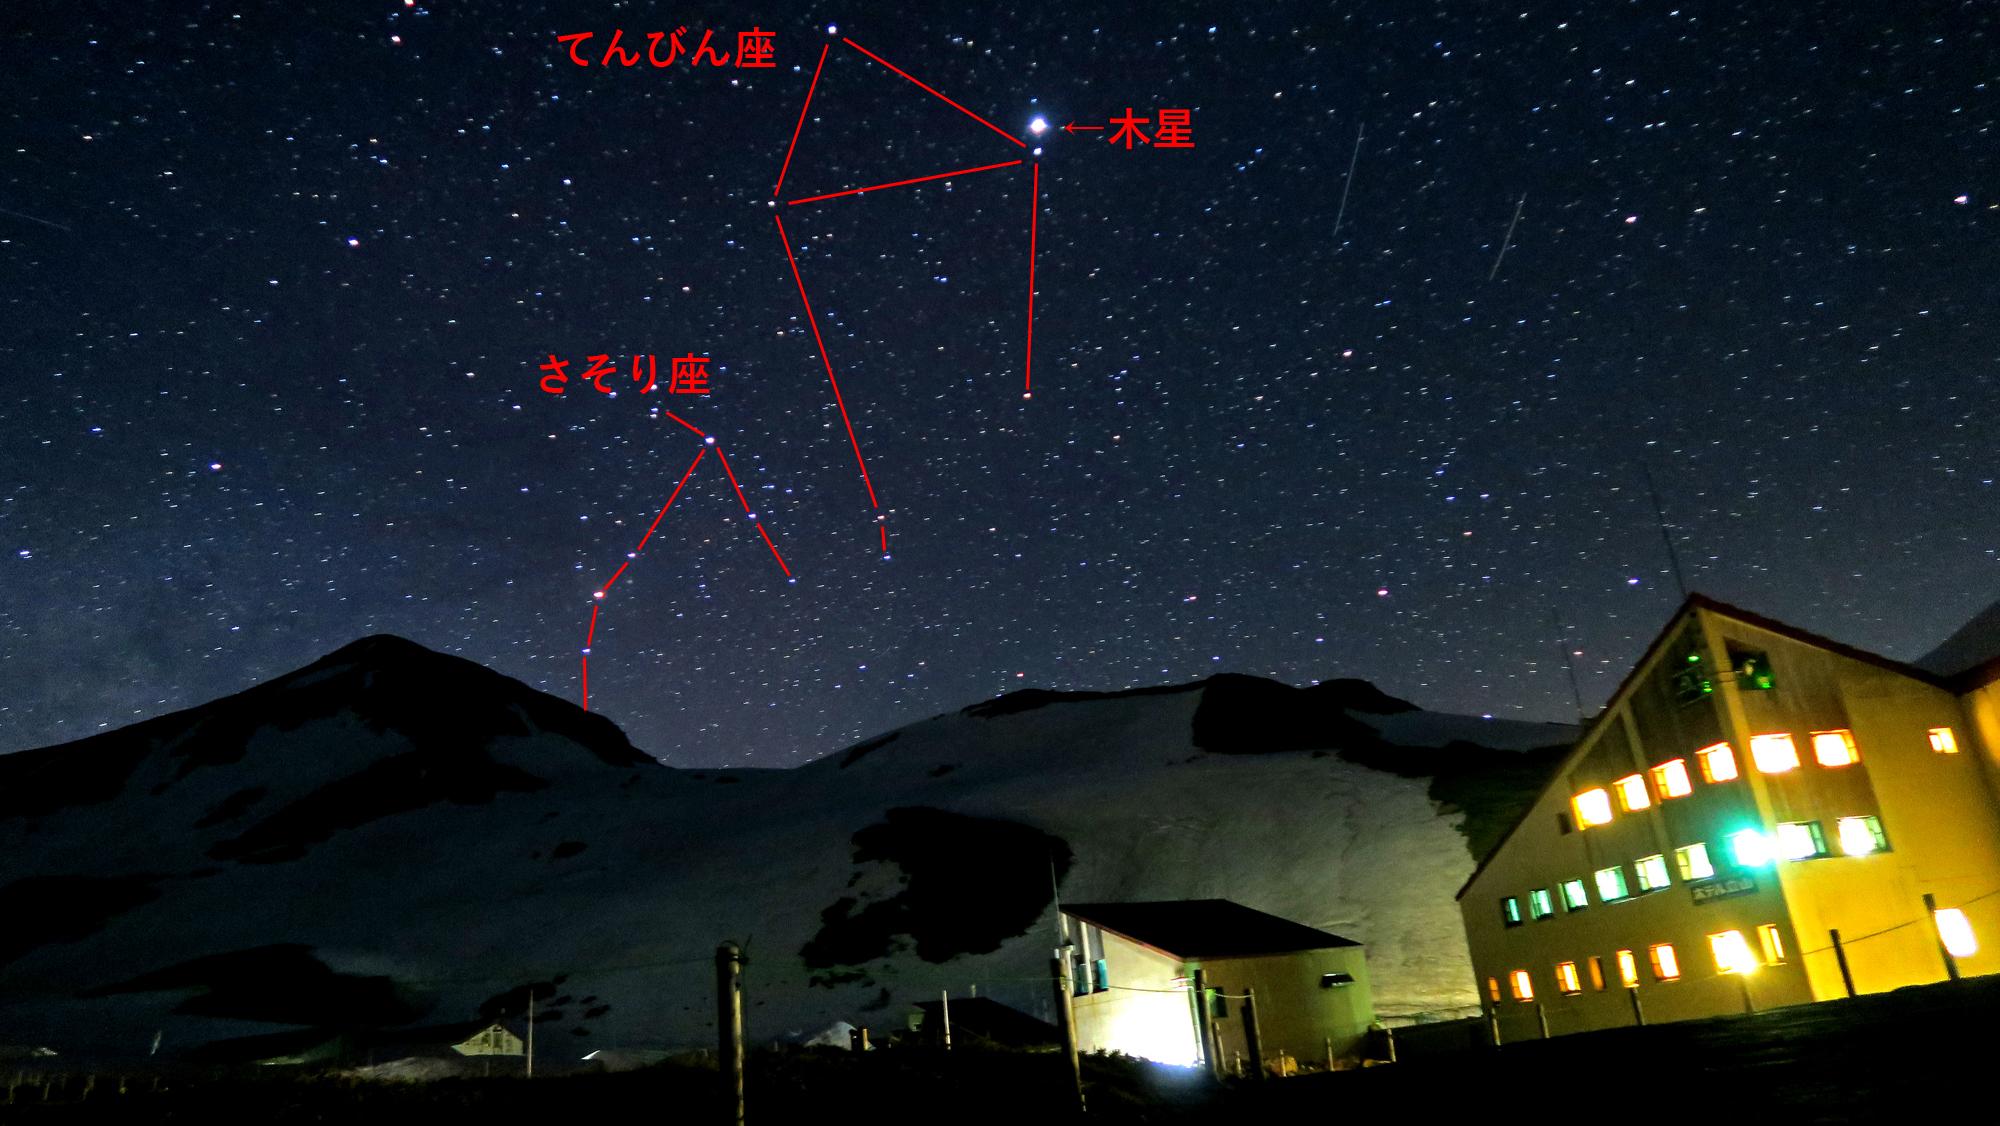 見える 日 ステーション 宇宙